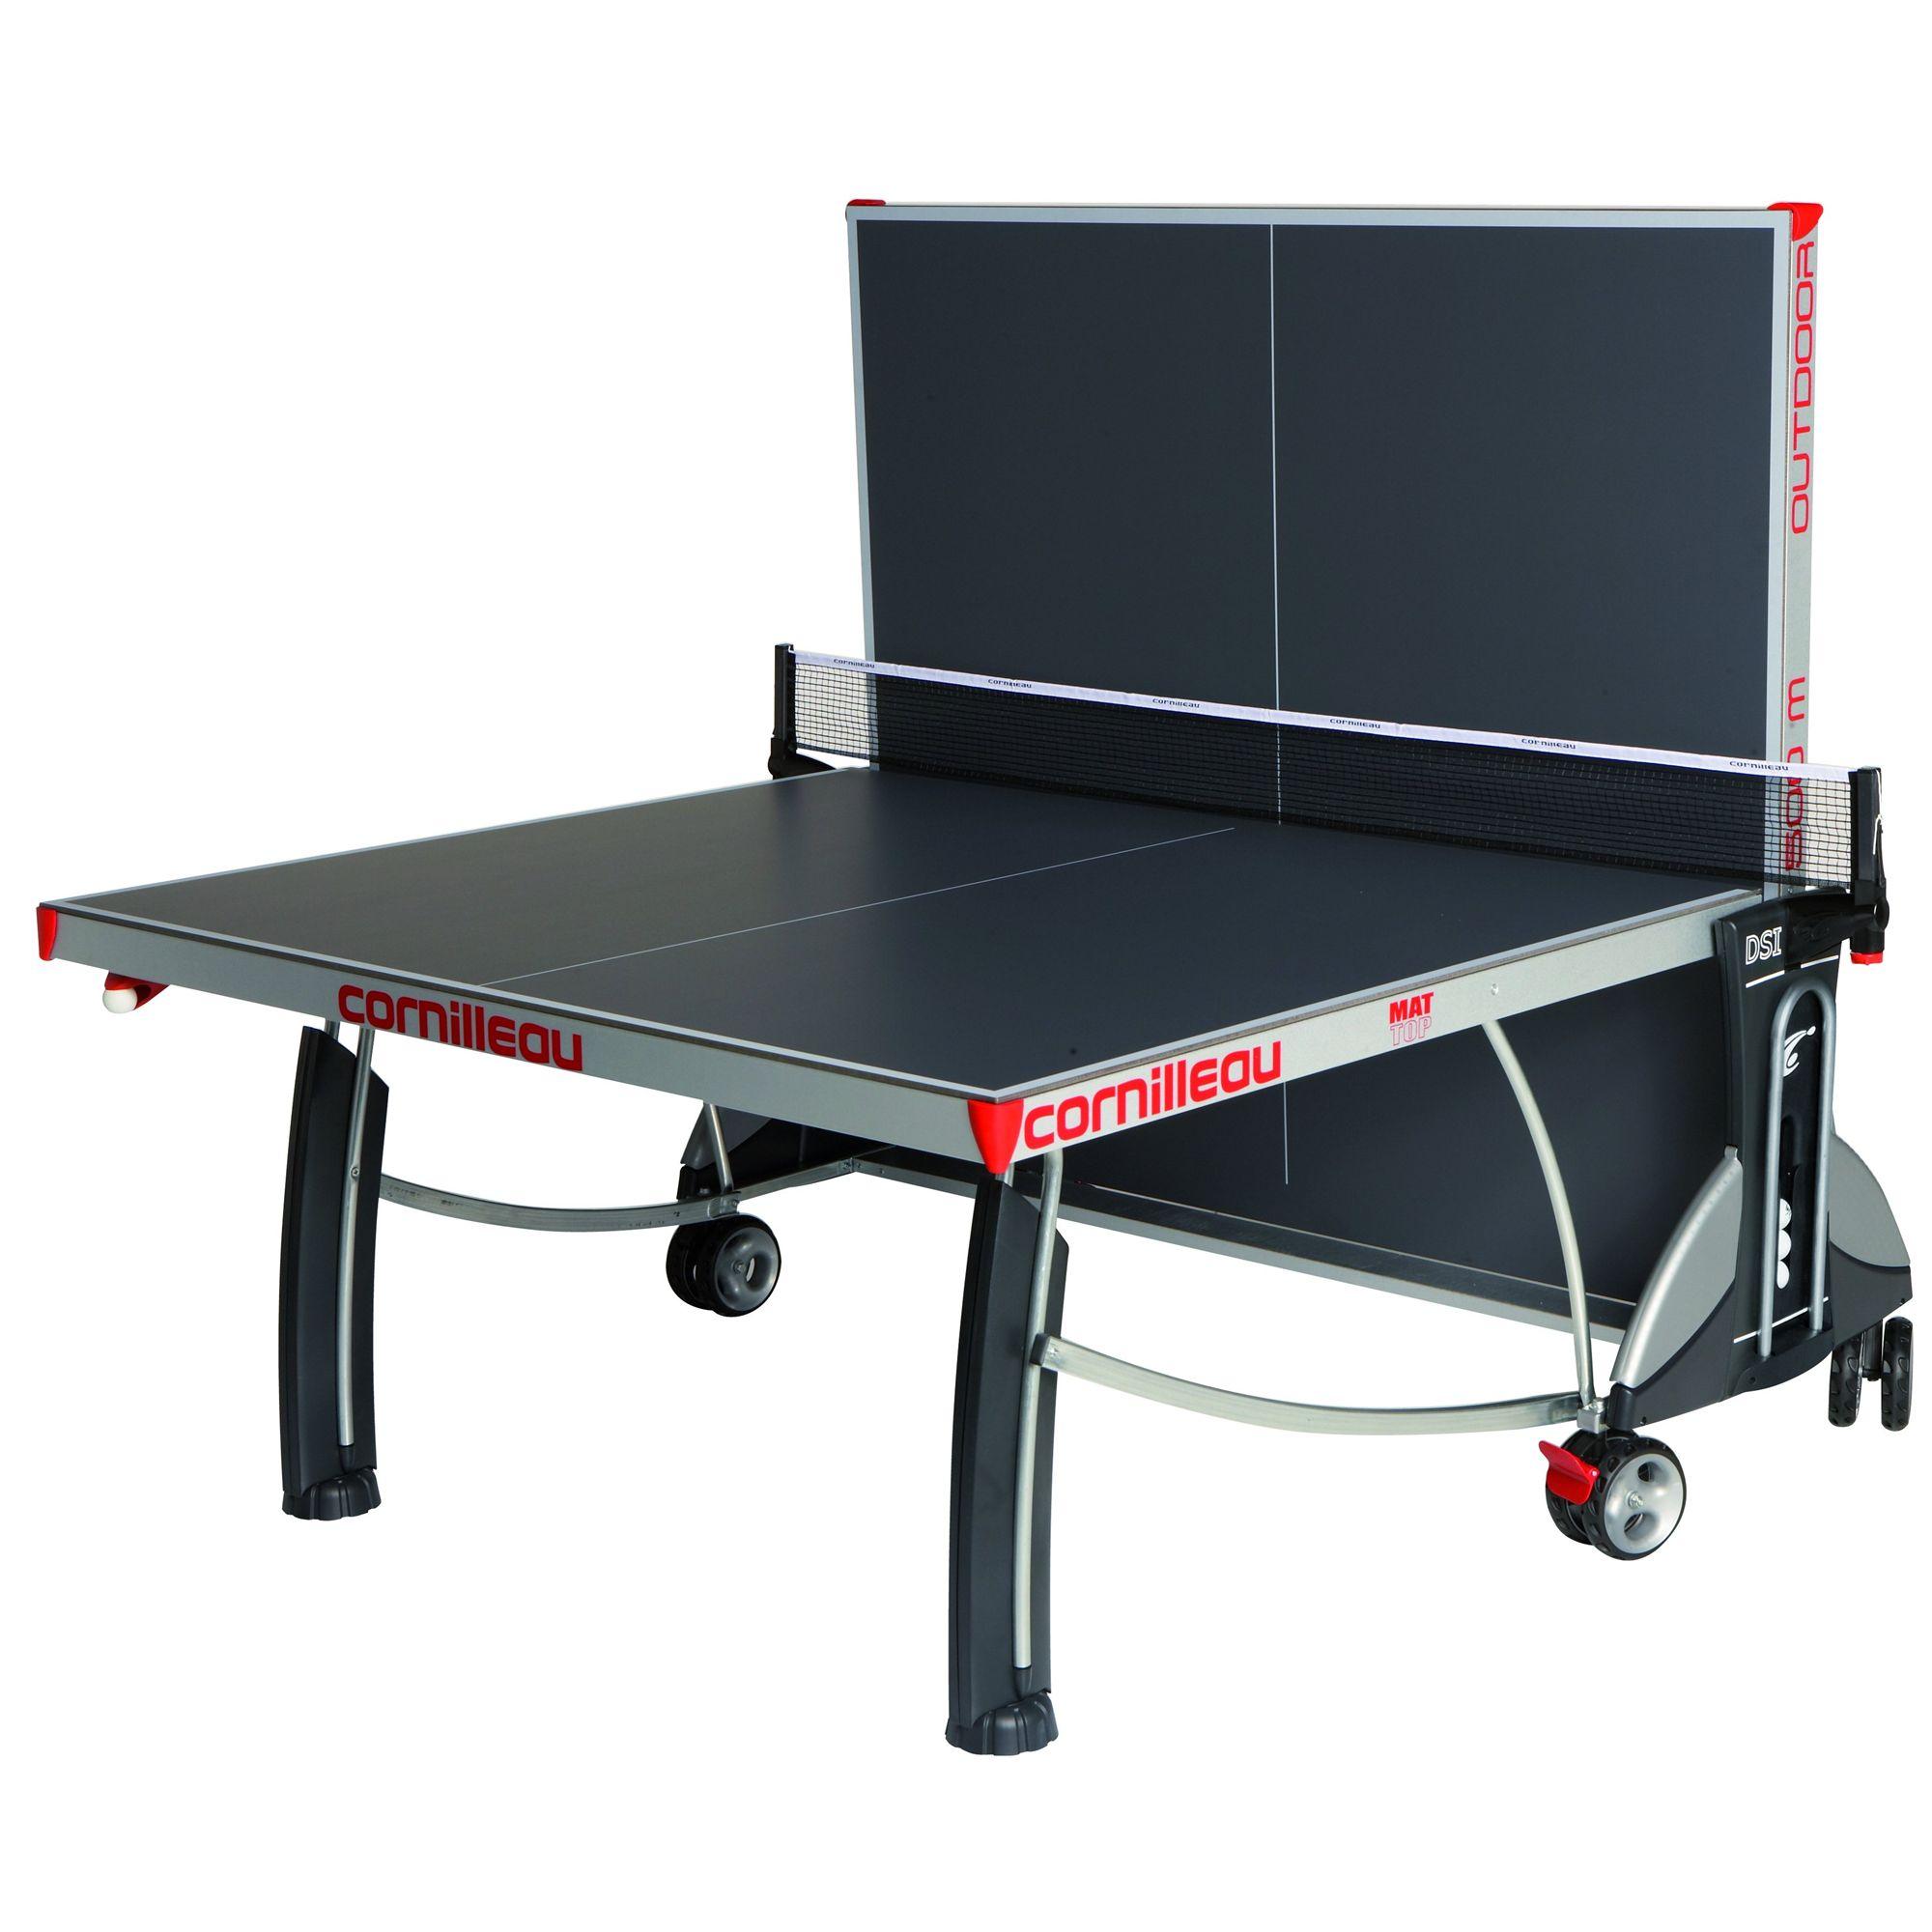 Cornilleau sport 500m rollaway 7mm outdoor table tennis table - Table cornilleau 500m outdoor ...